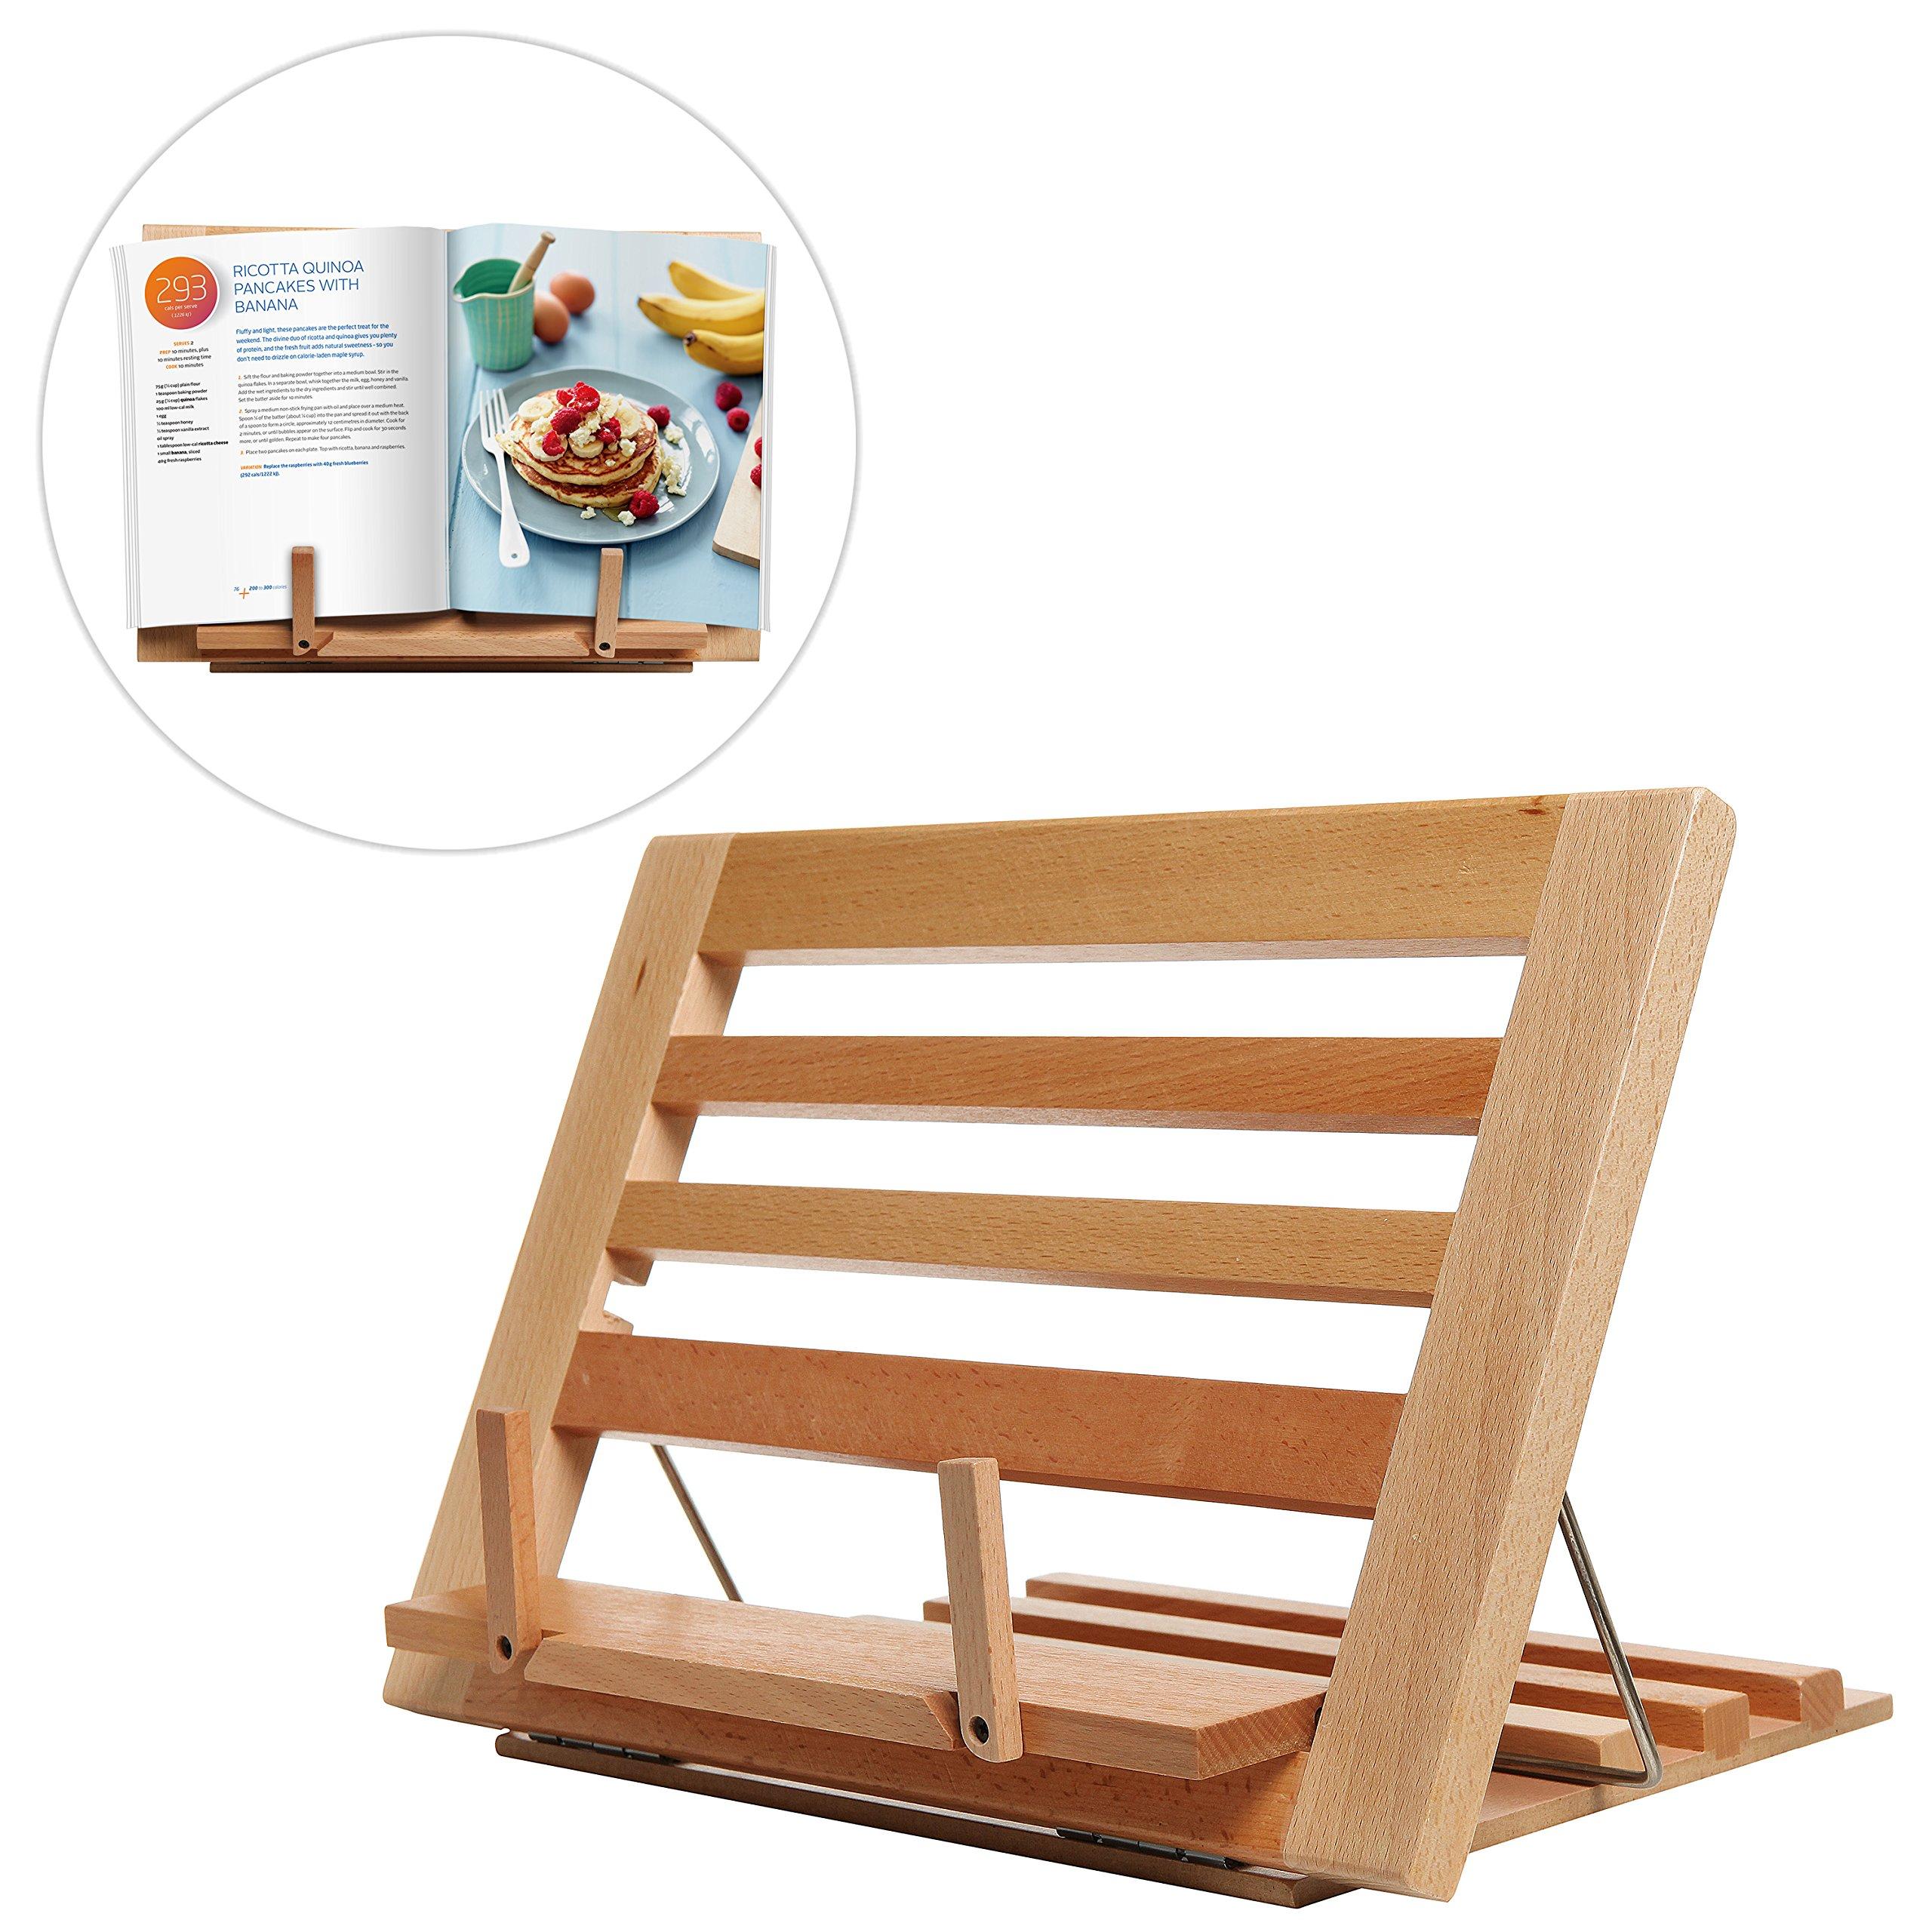 Countertop Folding Alder Wood Cookbook Holder / Adjustable Tabletop Display Easel Stand for Books & iPads